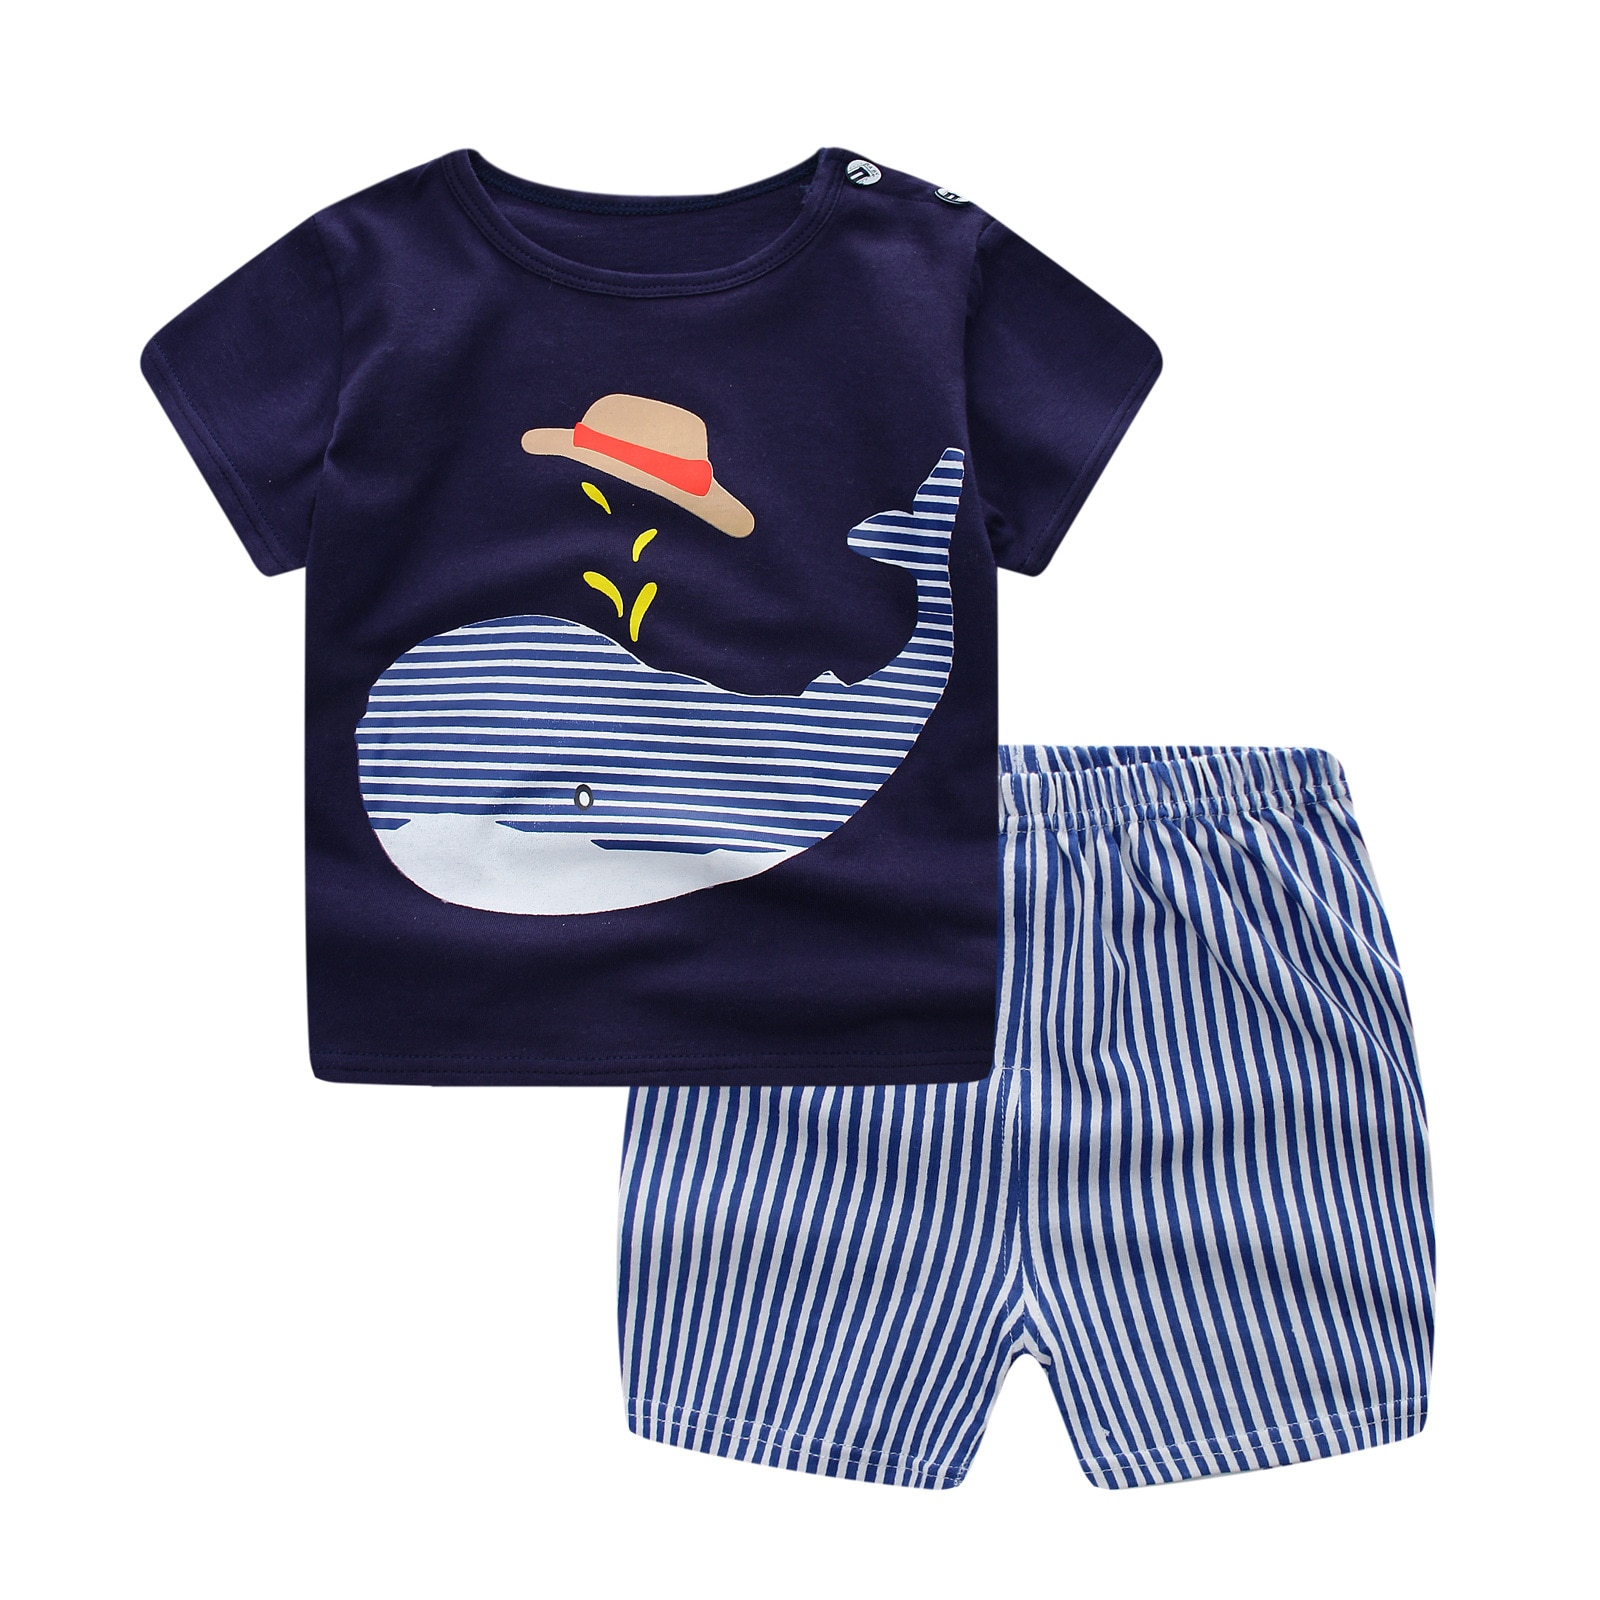 Повседневная детская одежда для маленьких мальчиков Комплекты одежды лето CartoonPrinted для девочек футболки + шорты, костюмы с принтом футболка ...